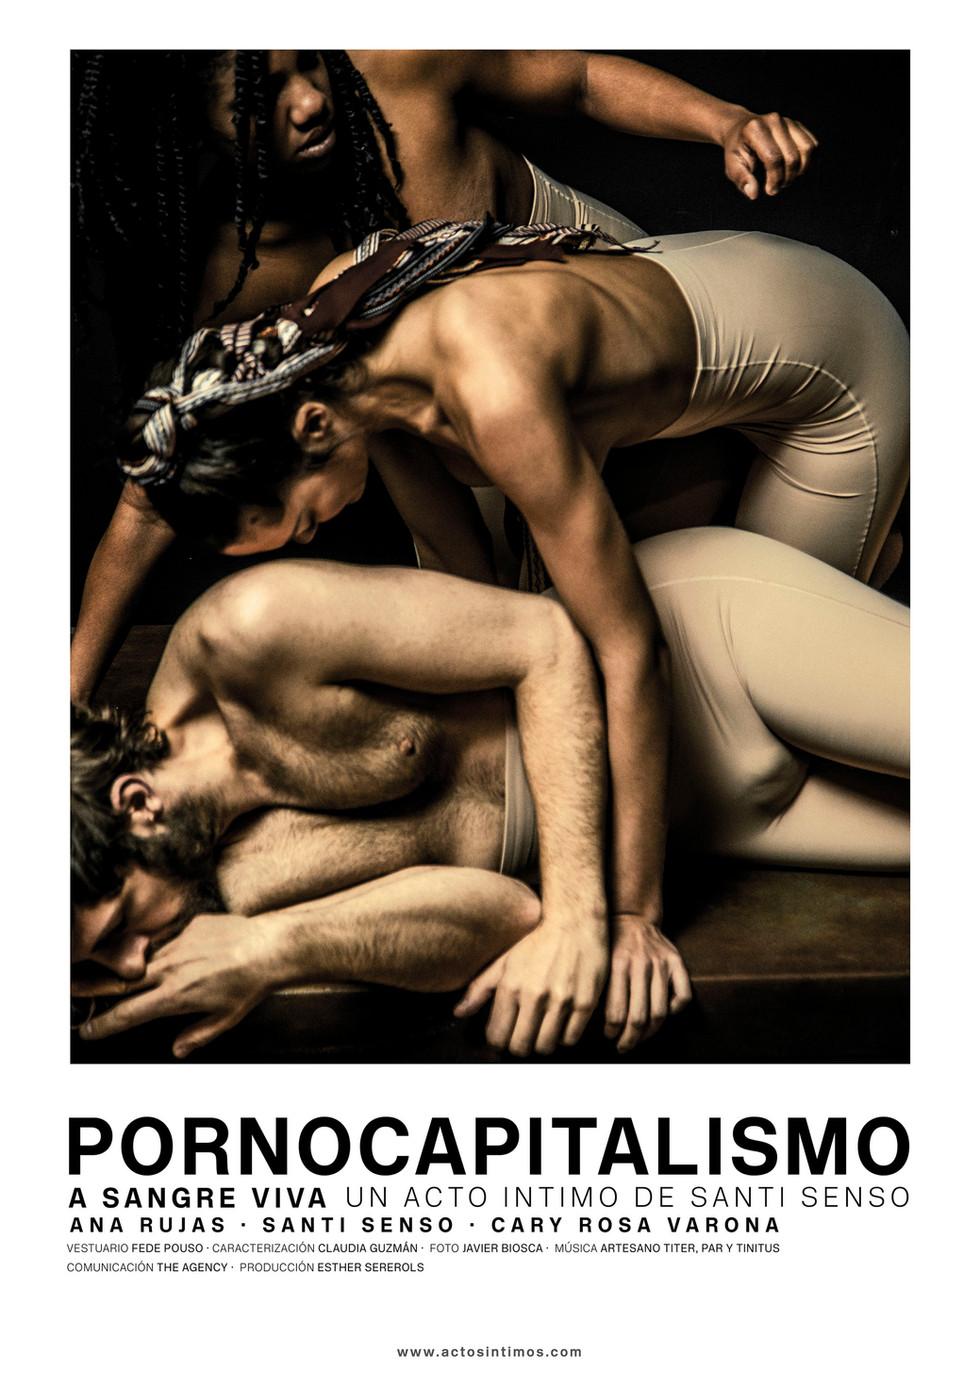 Foto de Javier Biosca.